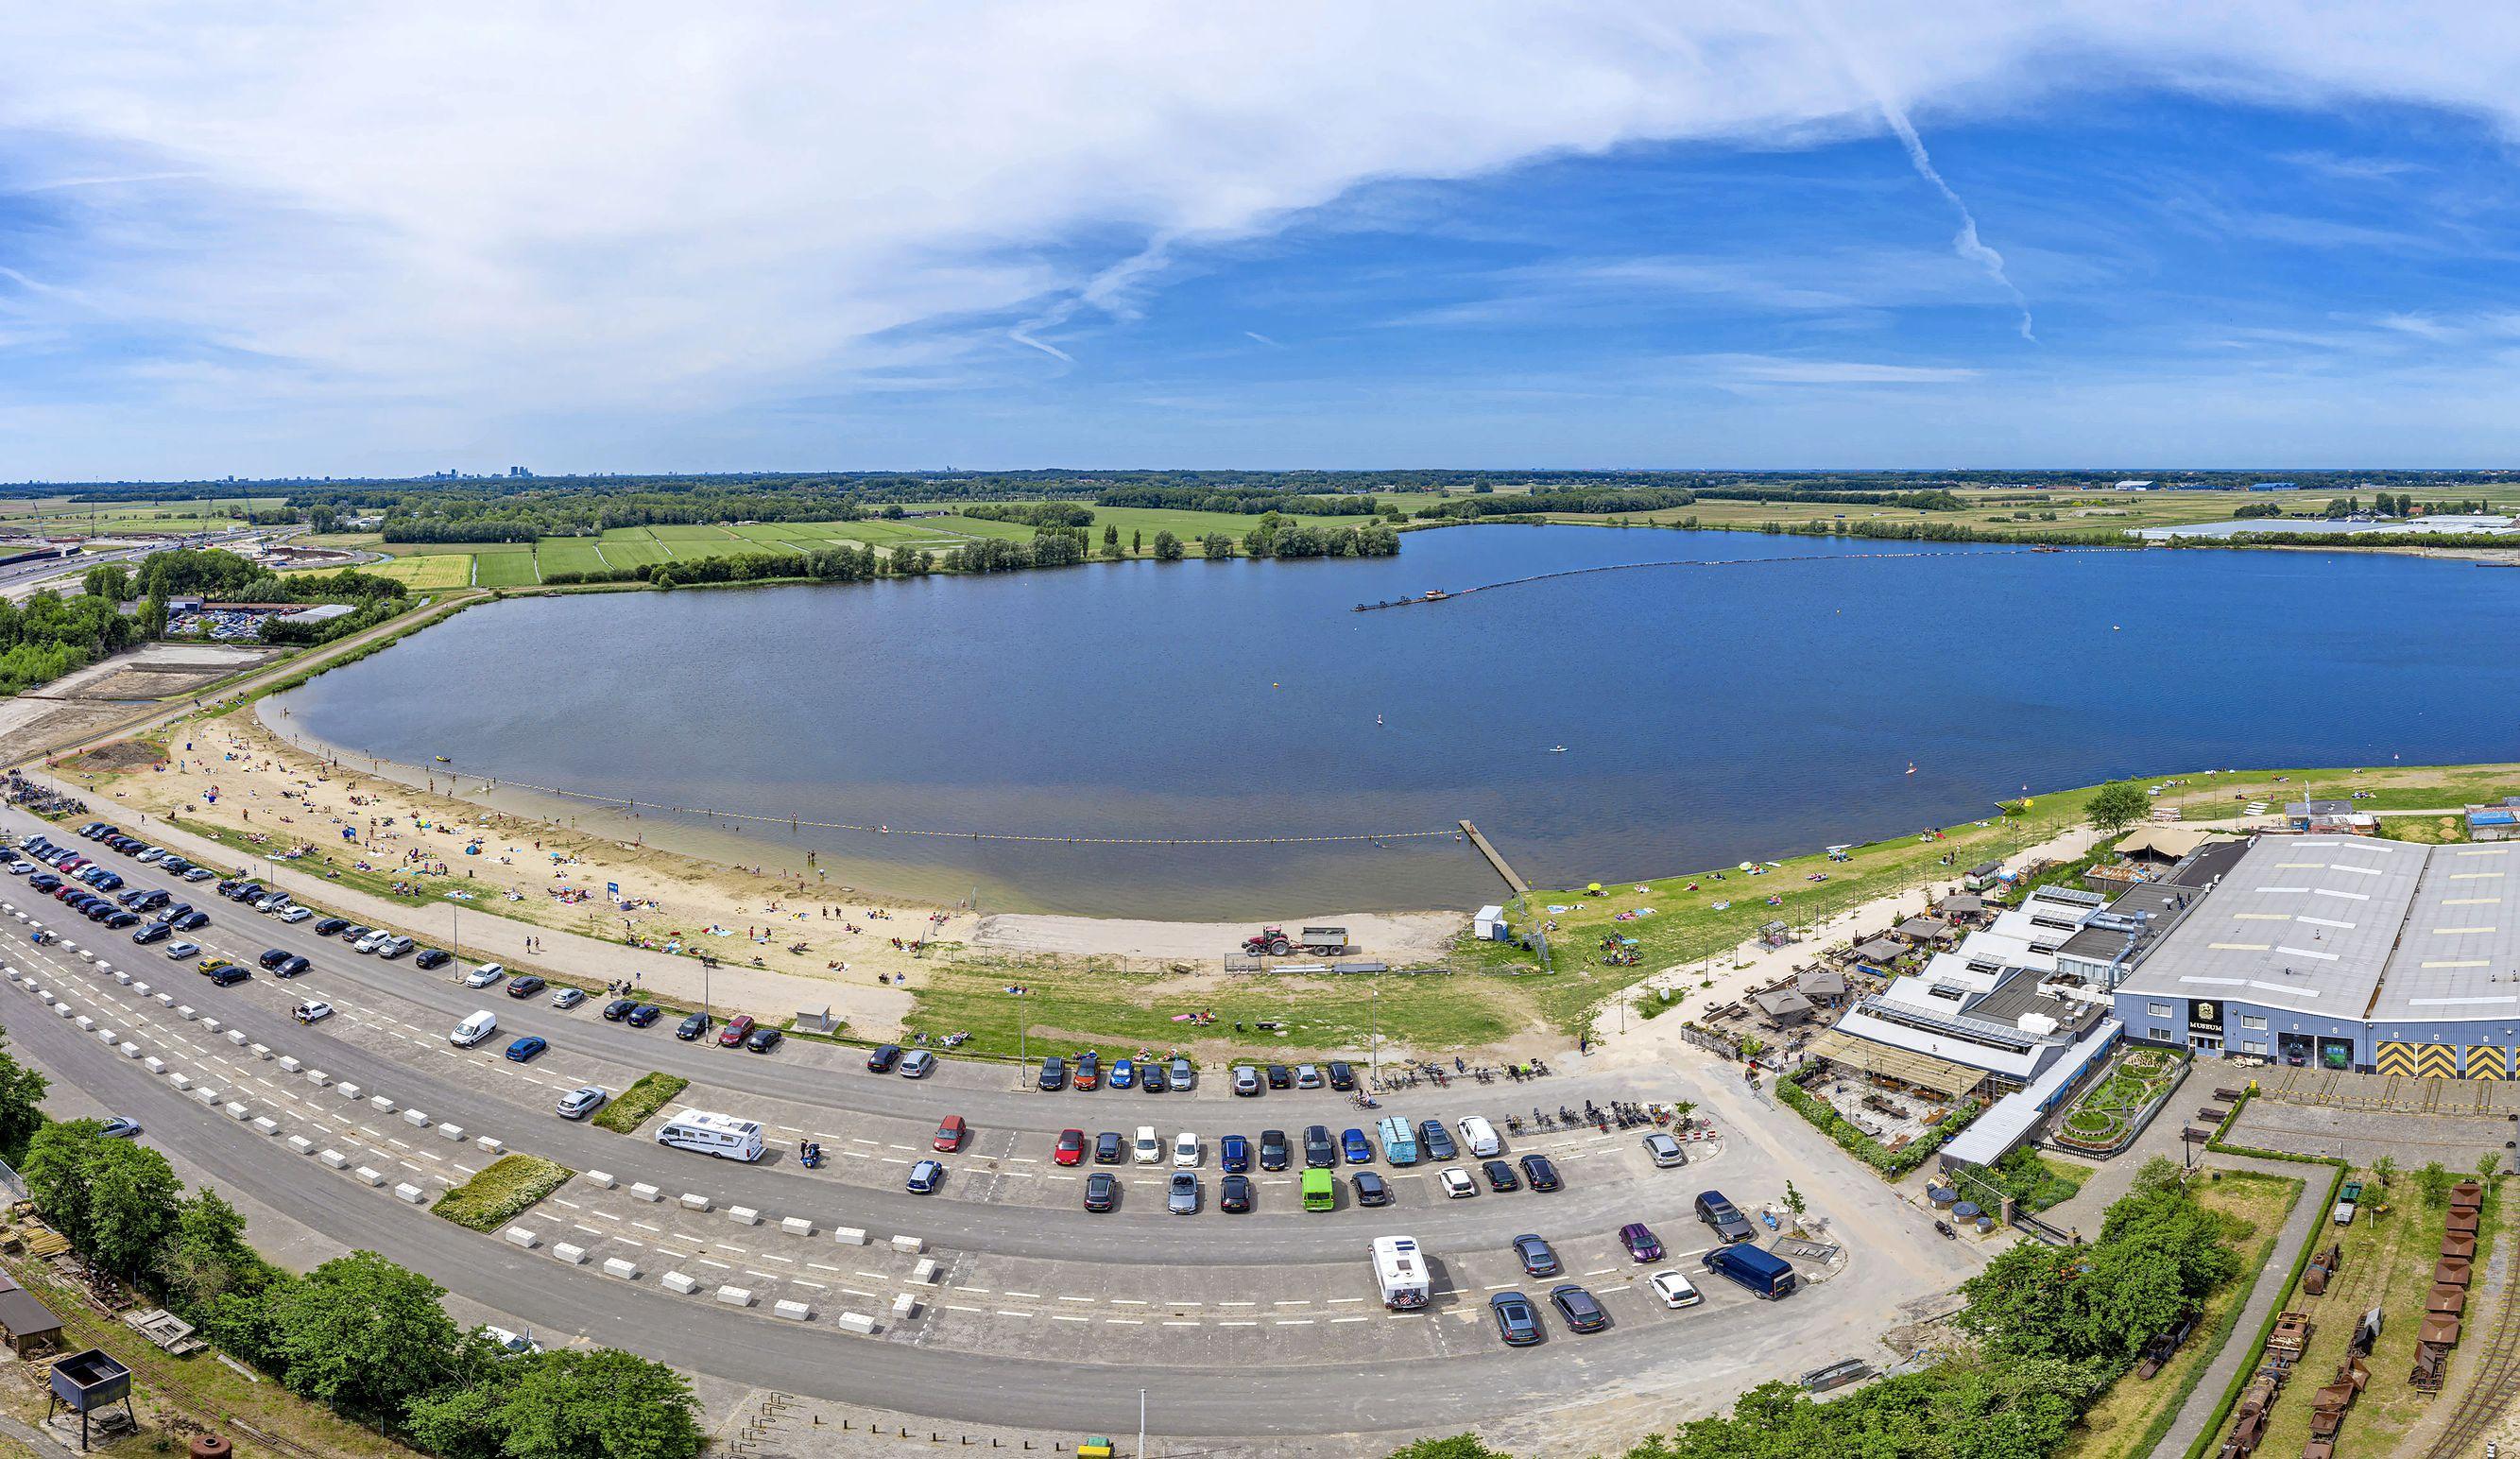 Wassenaar roept Katwijk op om af te zien van windmolens bij Valkenburgse Meer: 'Verstoring van de rust en horizonvervuiling'